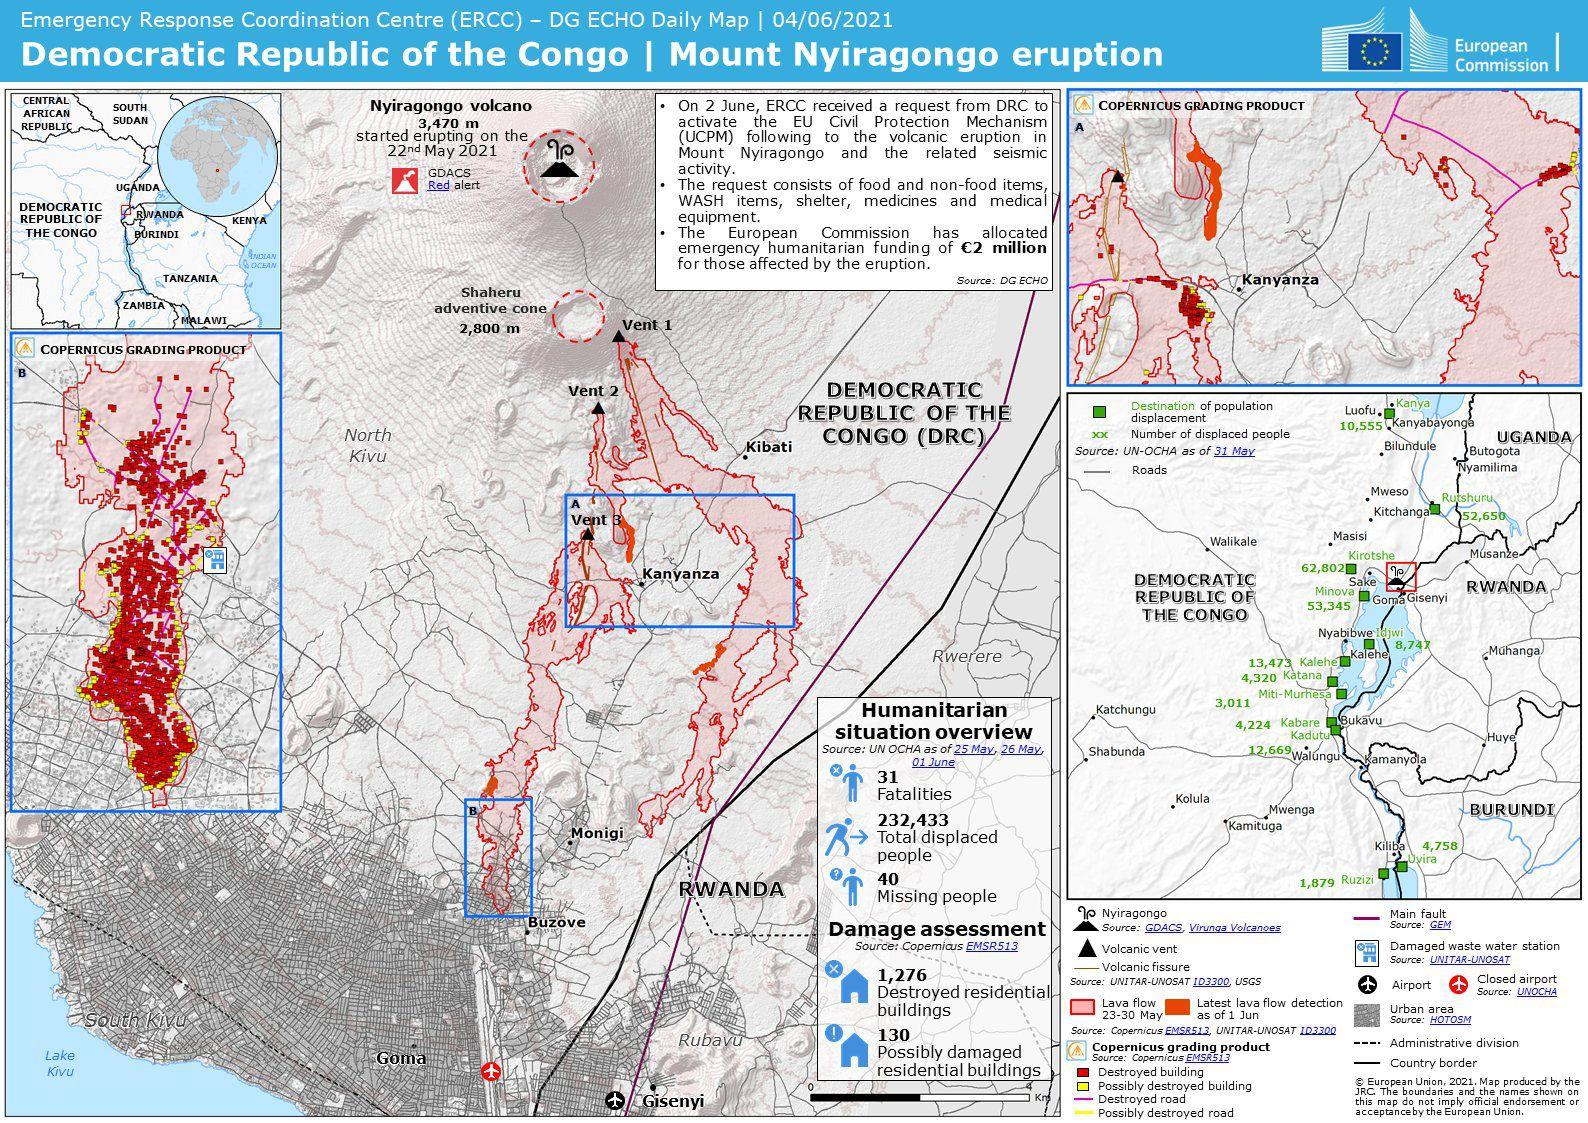 Goma - rapport sur la situation de l'ERCC / Commission Européenne du 04.06.2021 - un clic pour agrandir